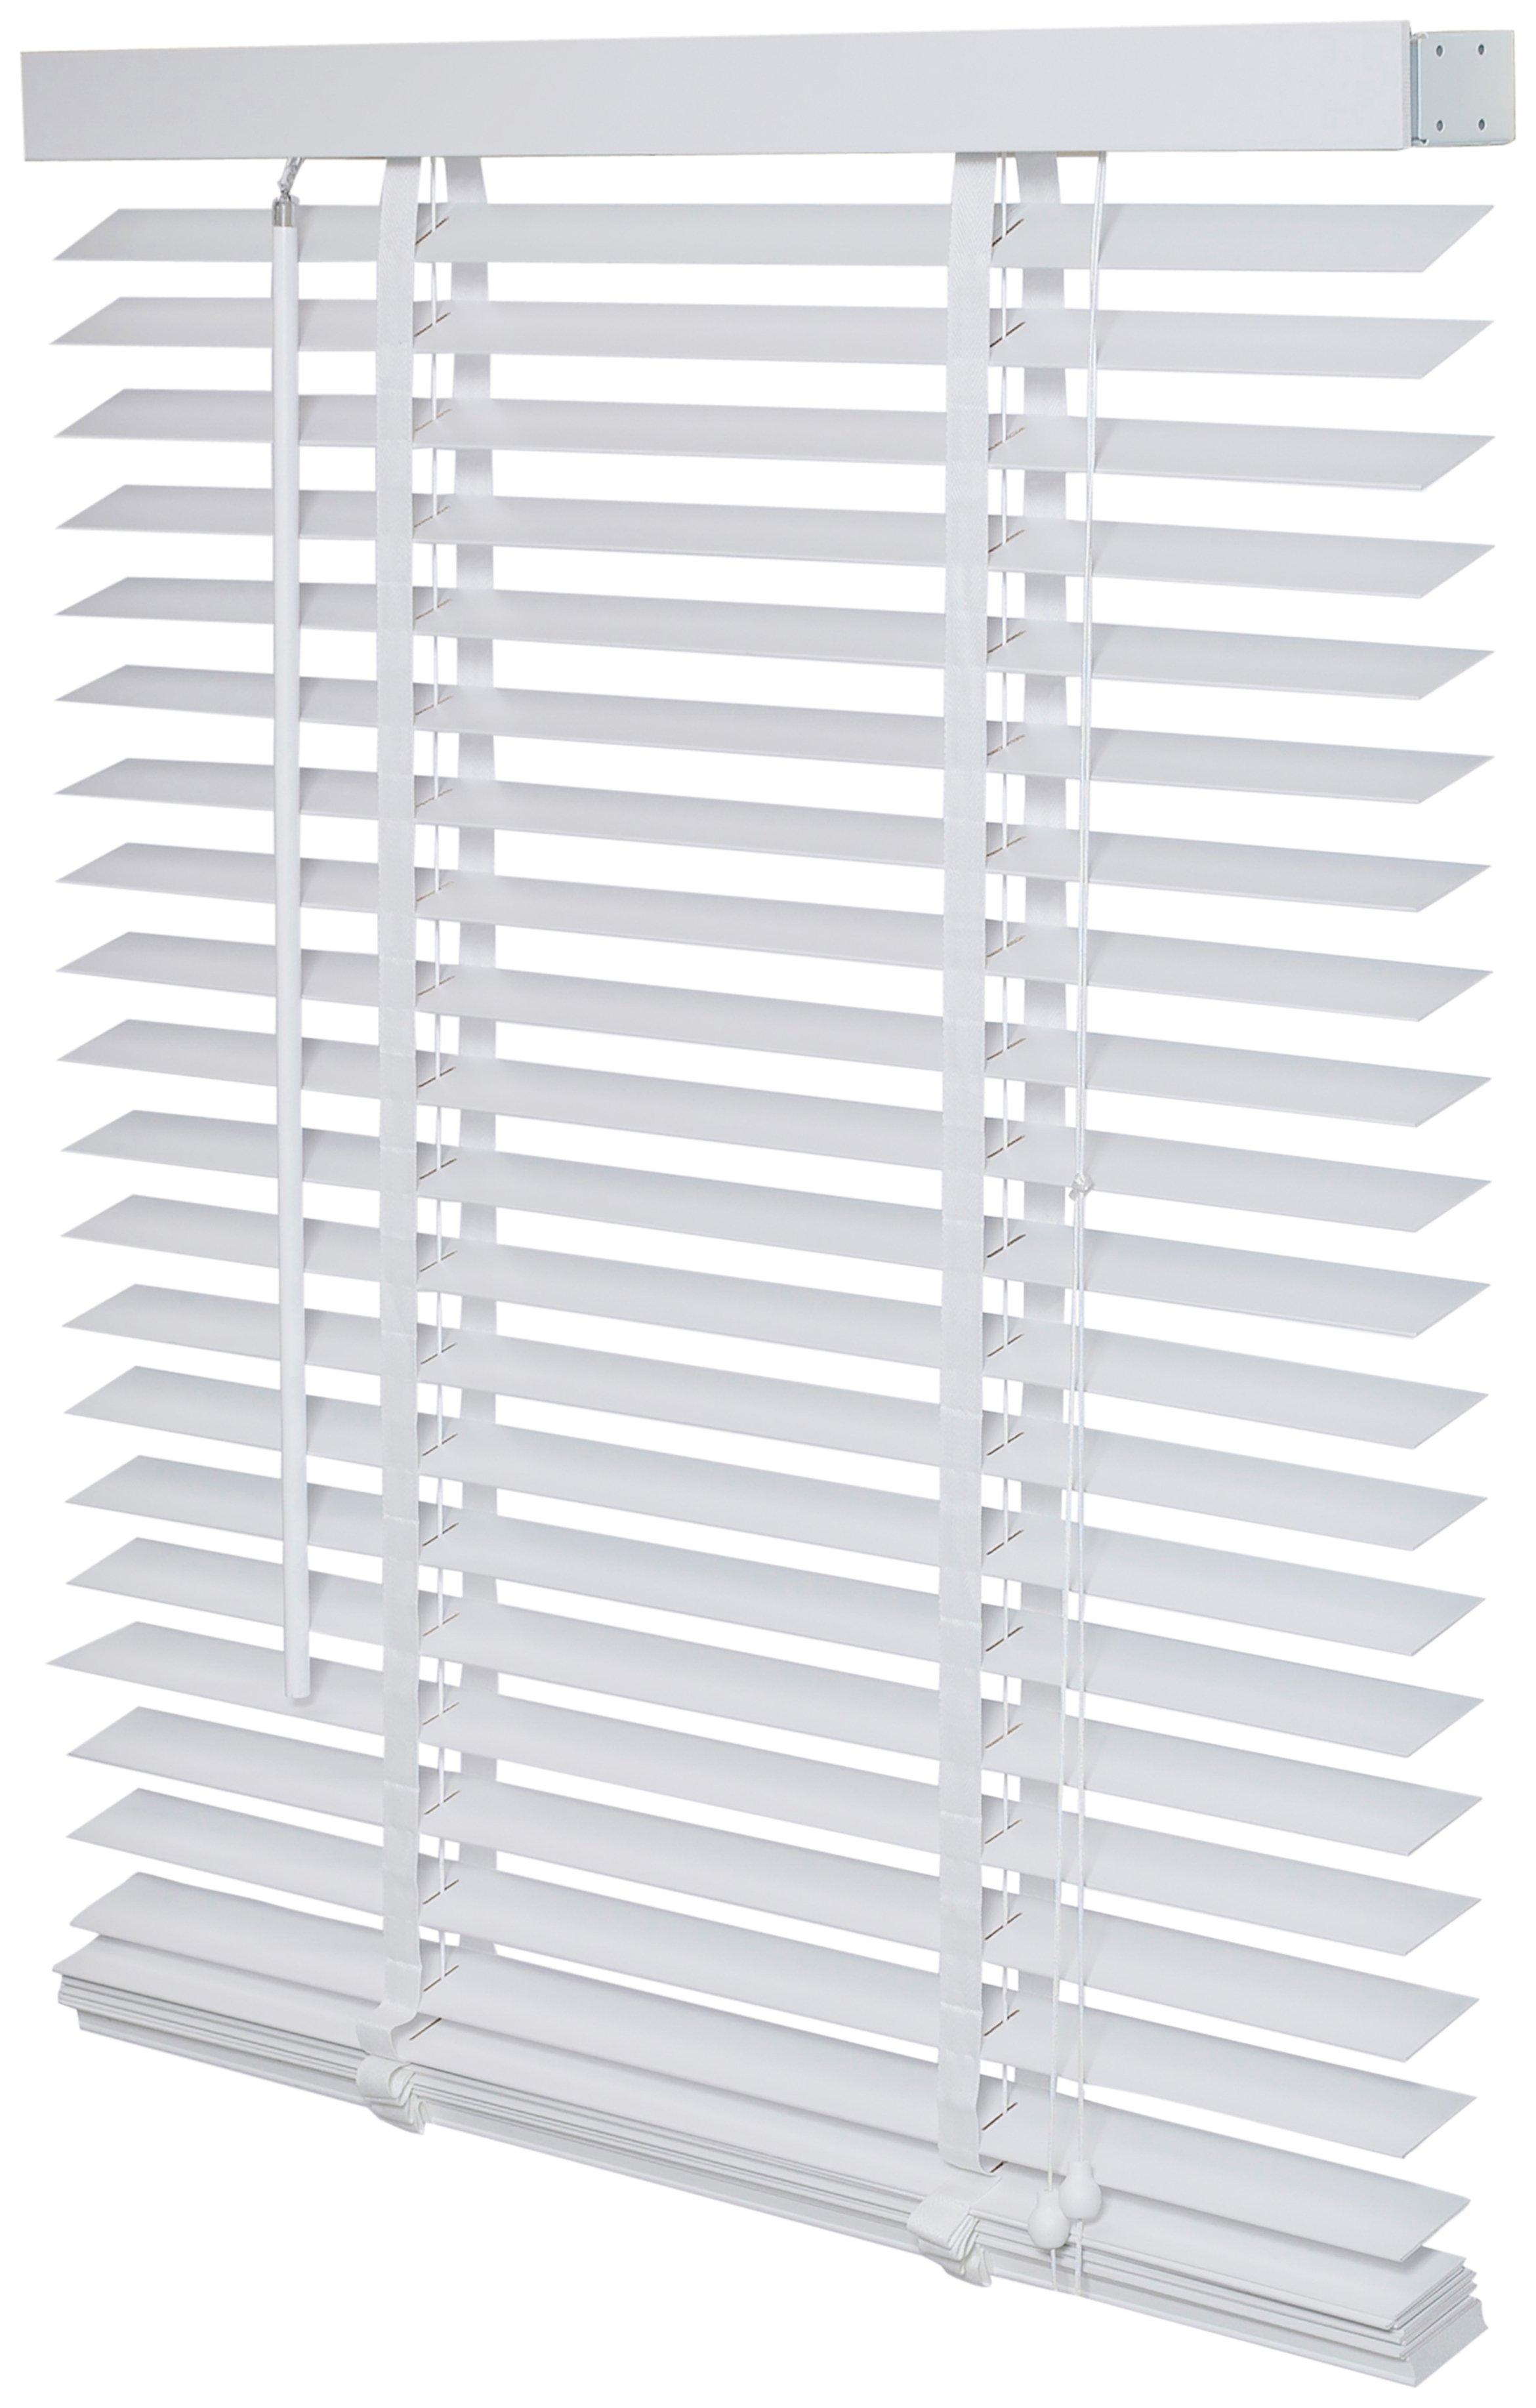 Intensions Wooden Venetian Blind - 2.3ft - White